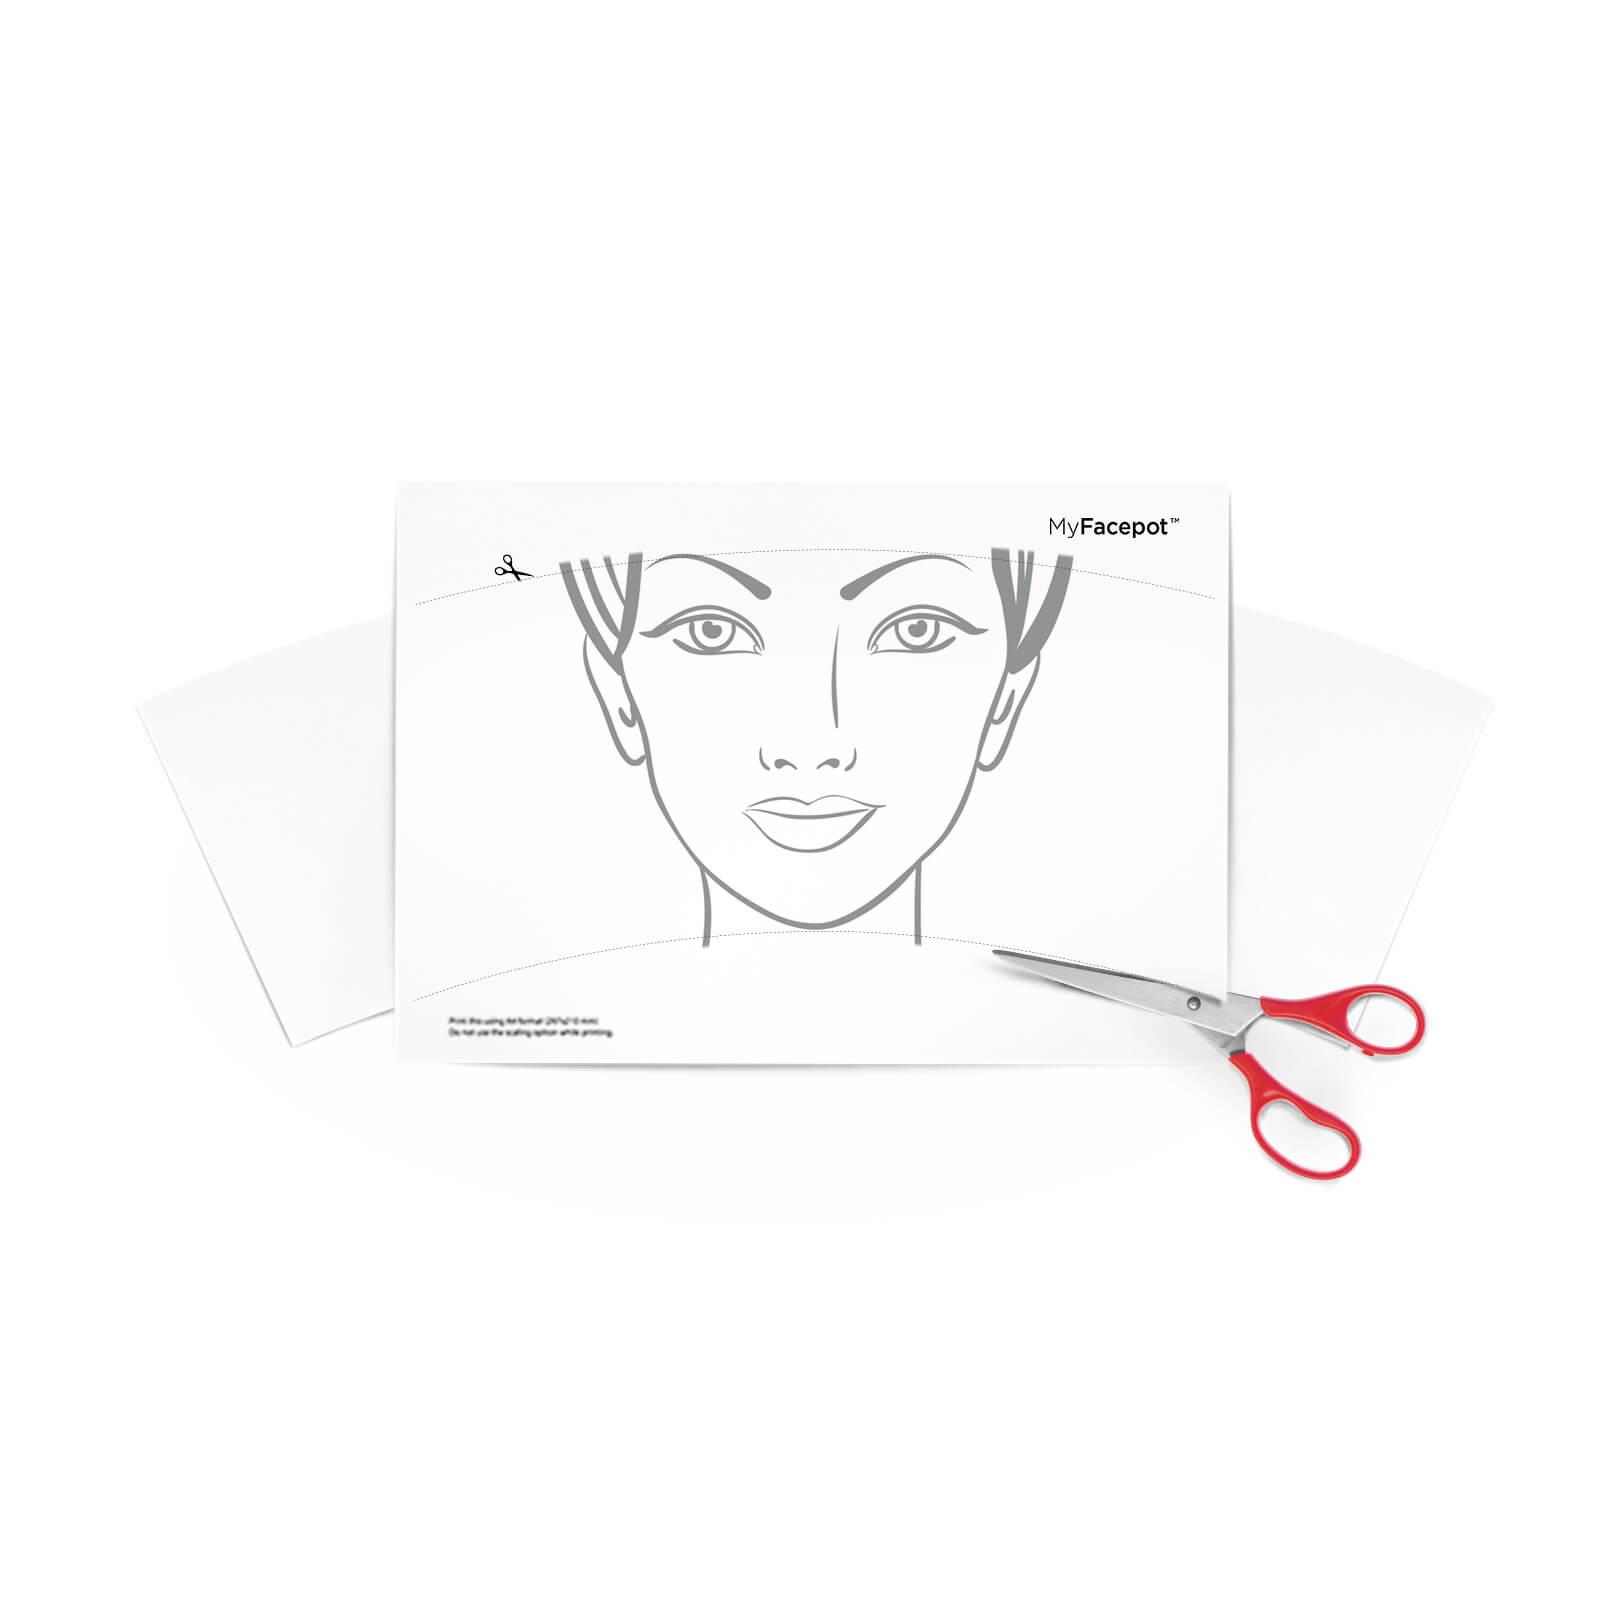 Druckvorlage (A4) für Facepot – MyFacepot.de